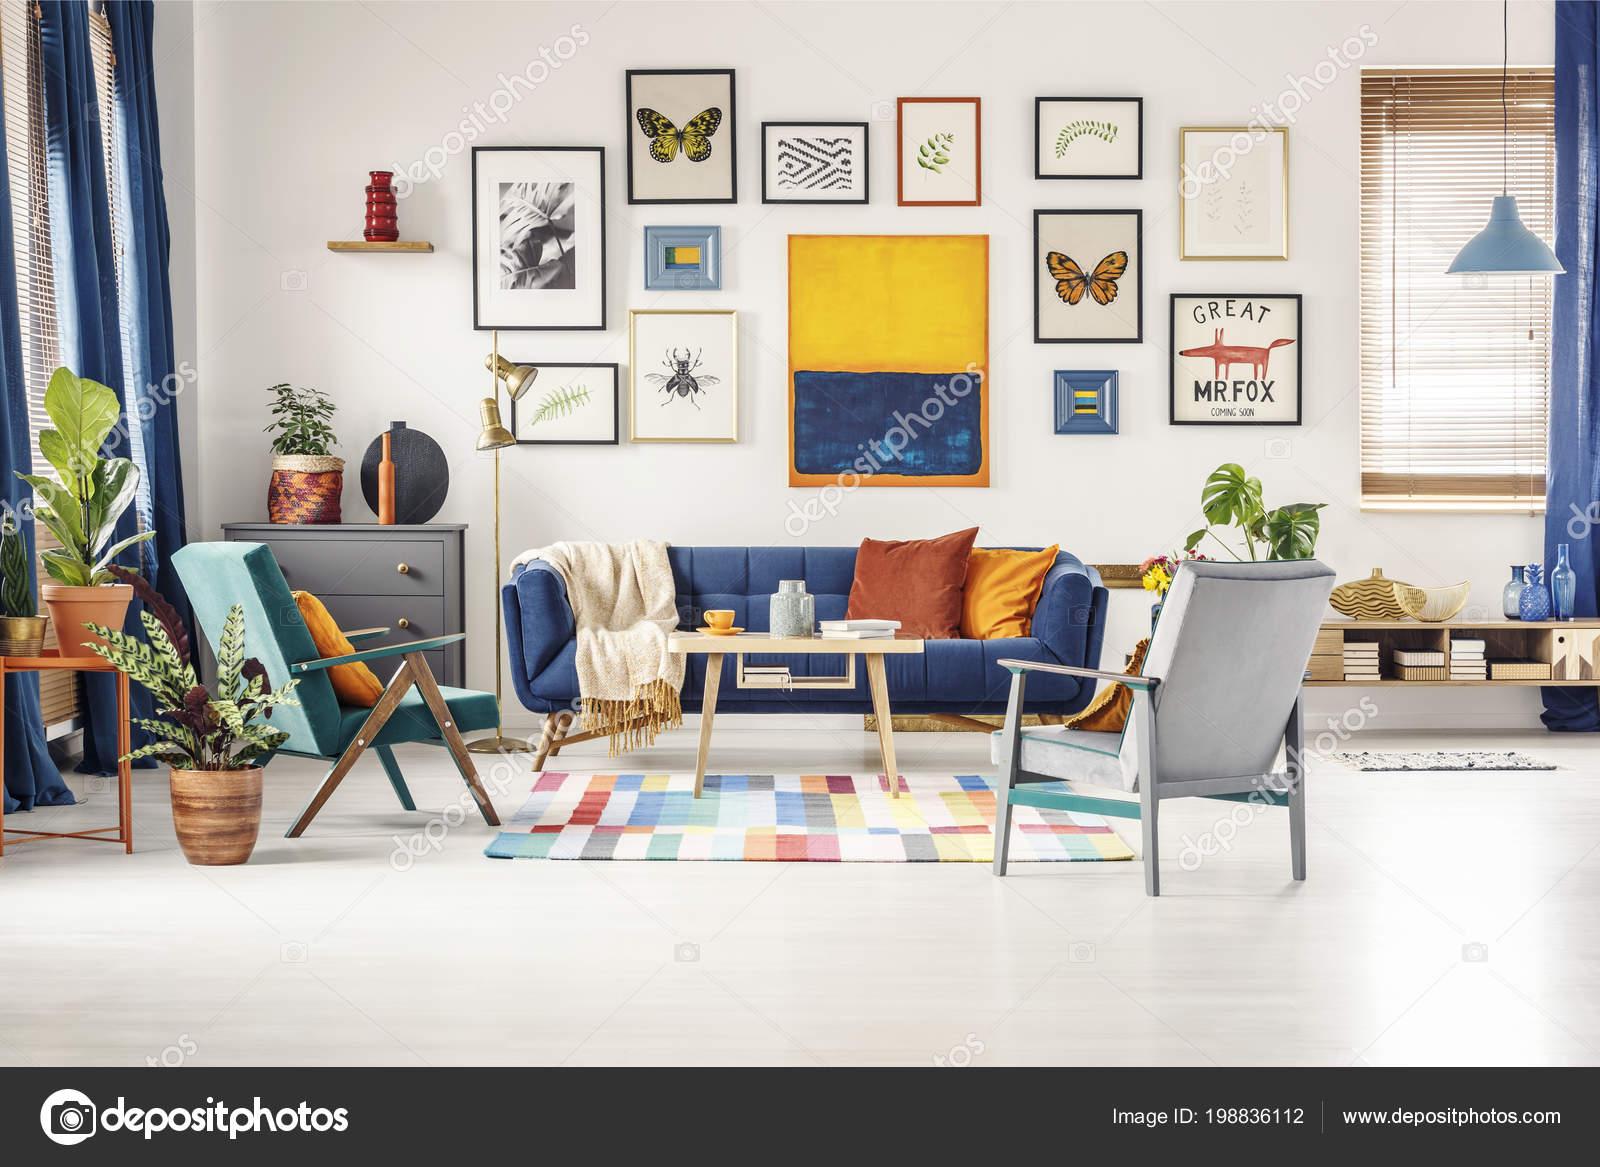 Eenvoudige posters galerij opknoping muur heldere woonkamer